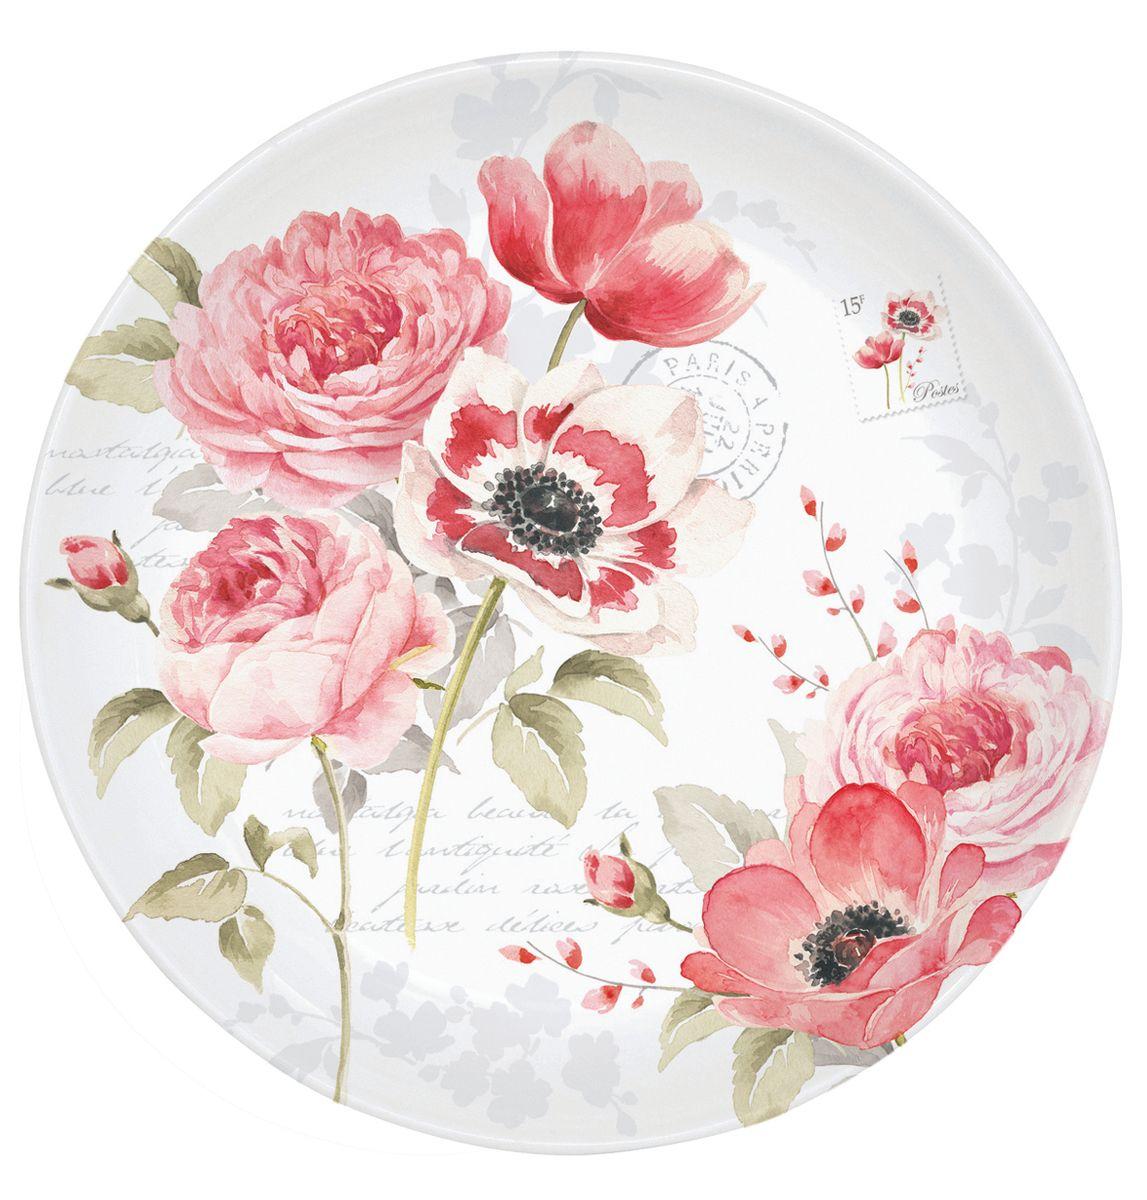 Блюдце Nuova R2S Пионы, диаметр 10 см338FLWDБлюдце Nuova R2S Пионы выполнено из высококачественного фарфора. Изделие оформлено цветочным рисунком и надписями. Изящное блюдце не только красиво оформит стол к чаепитию, но и станет прекрасным подарком друзьям и близким. Диаметр блюдца: 10 см.